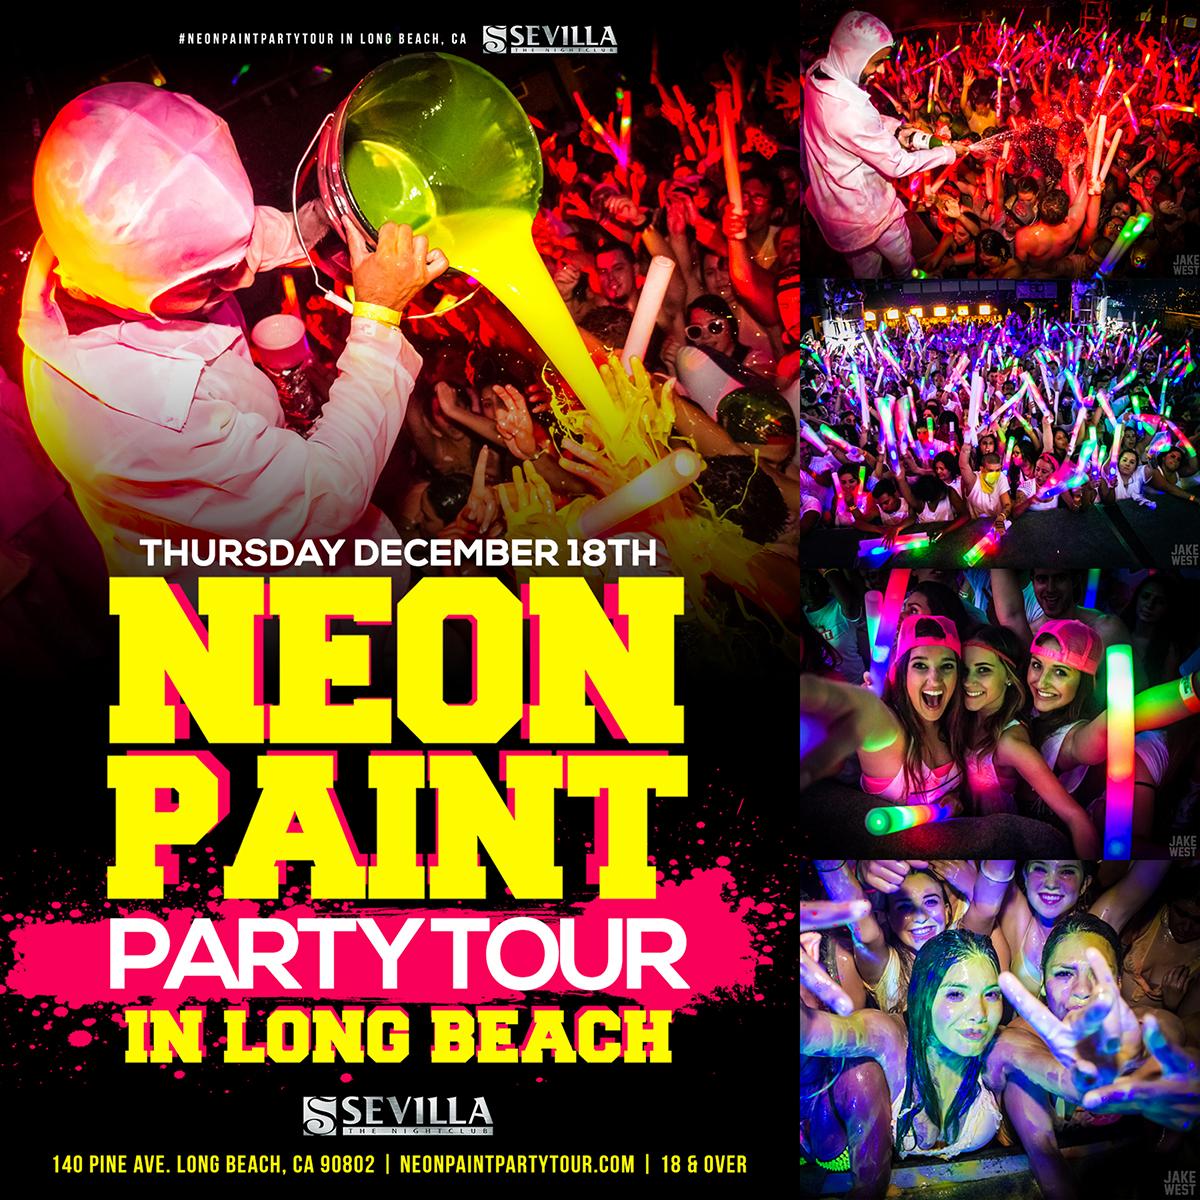 THE NEON PAINT PARTY TOUR LBC Tickets 12/18/14